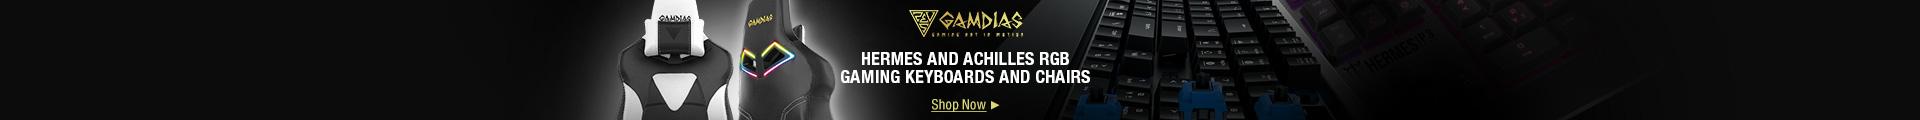 Gamdias Hermes Achilles